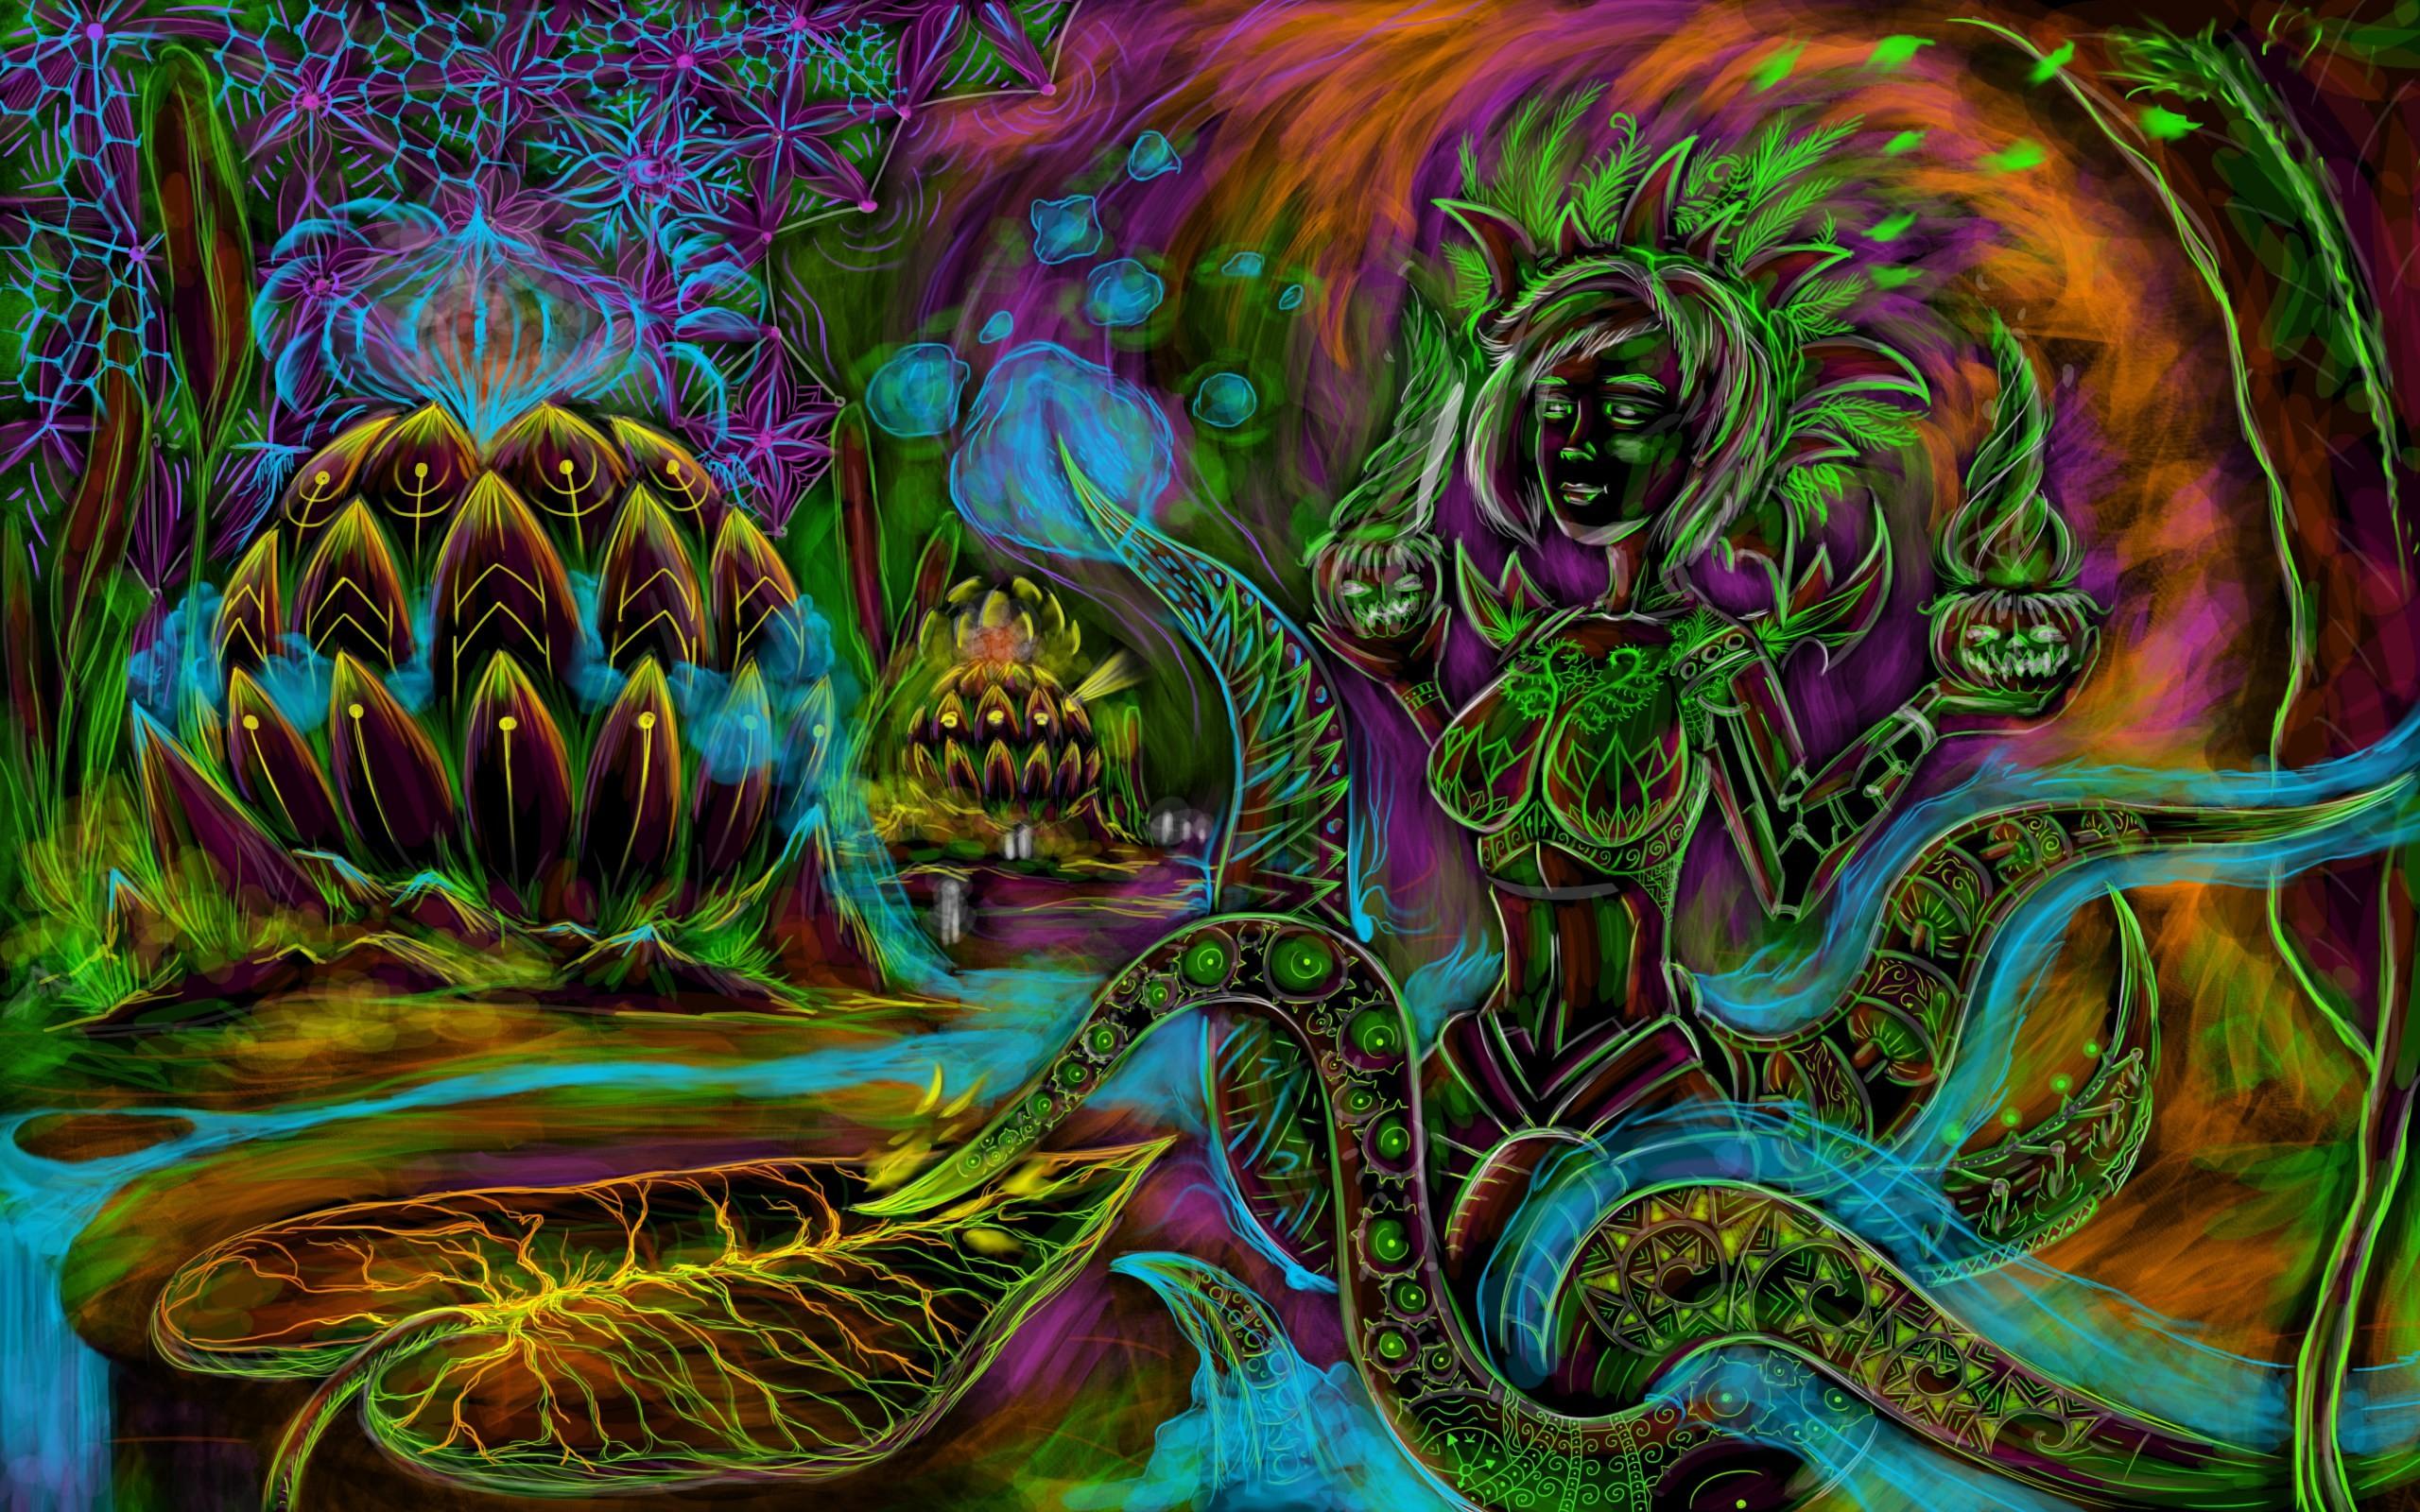 Trippy Shroom Wallpapers Gallery (51 Plus) – juegosrev.com – juegosrev.com